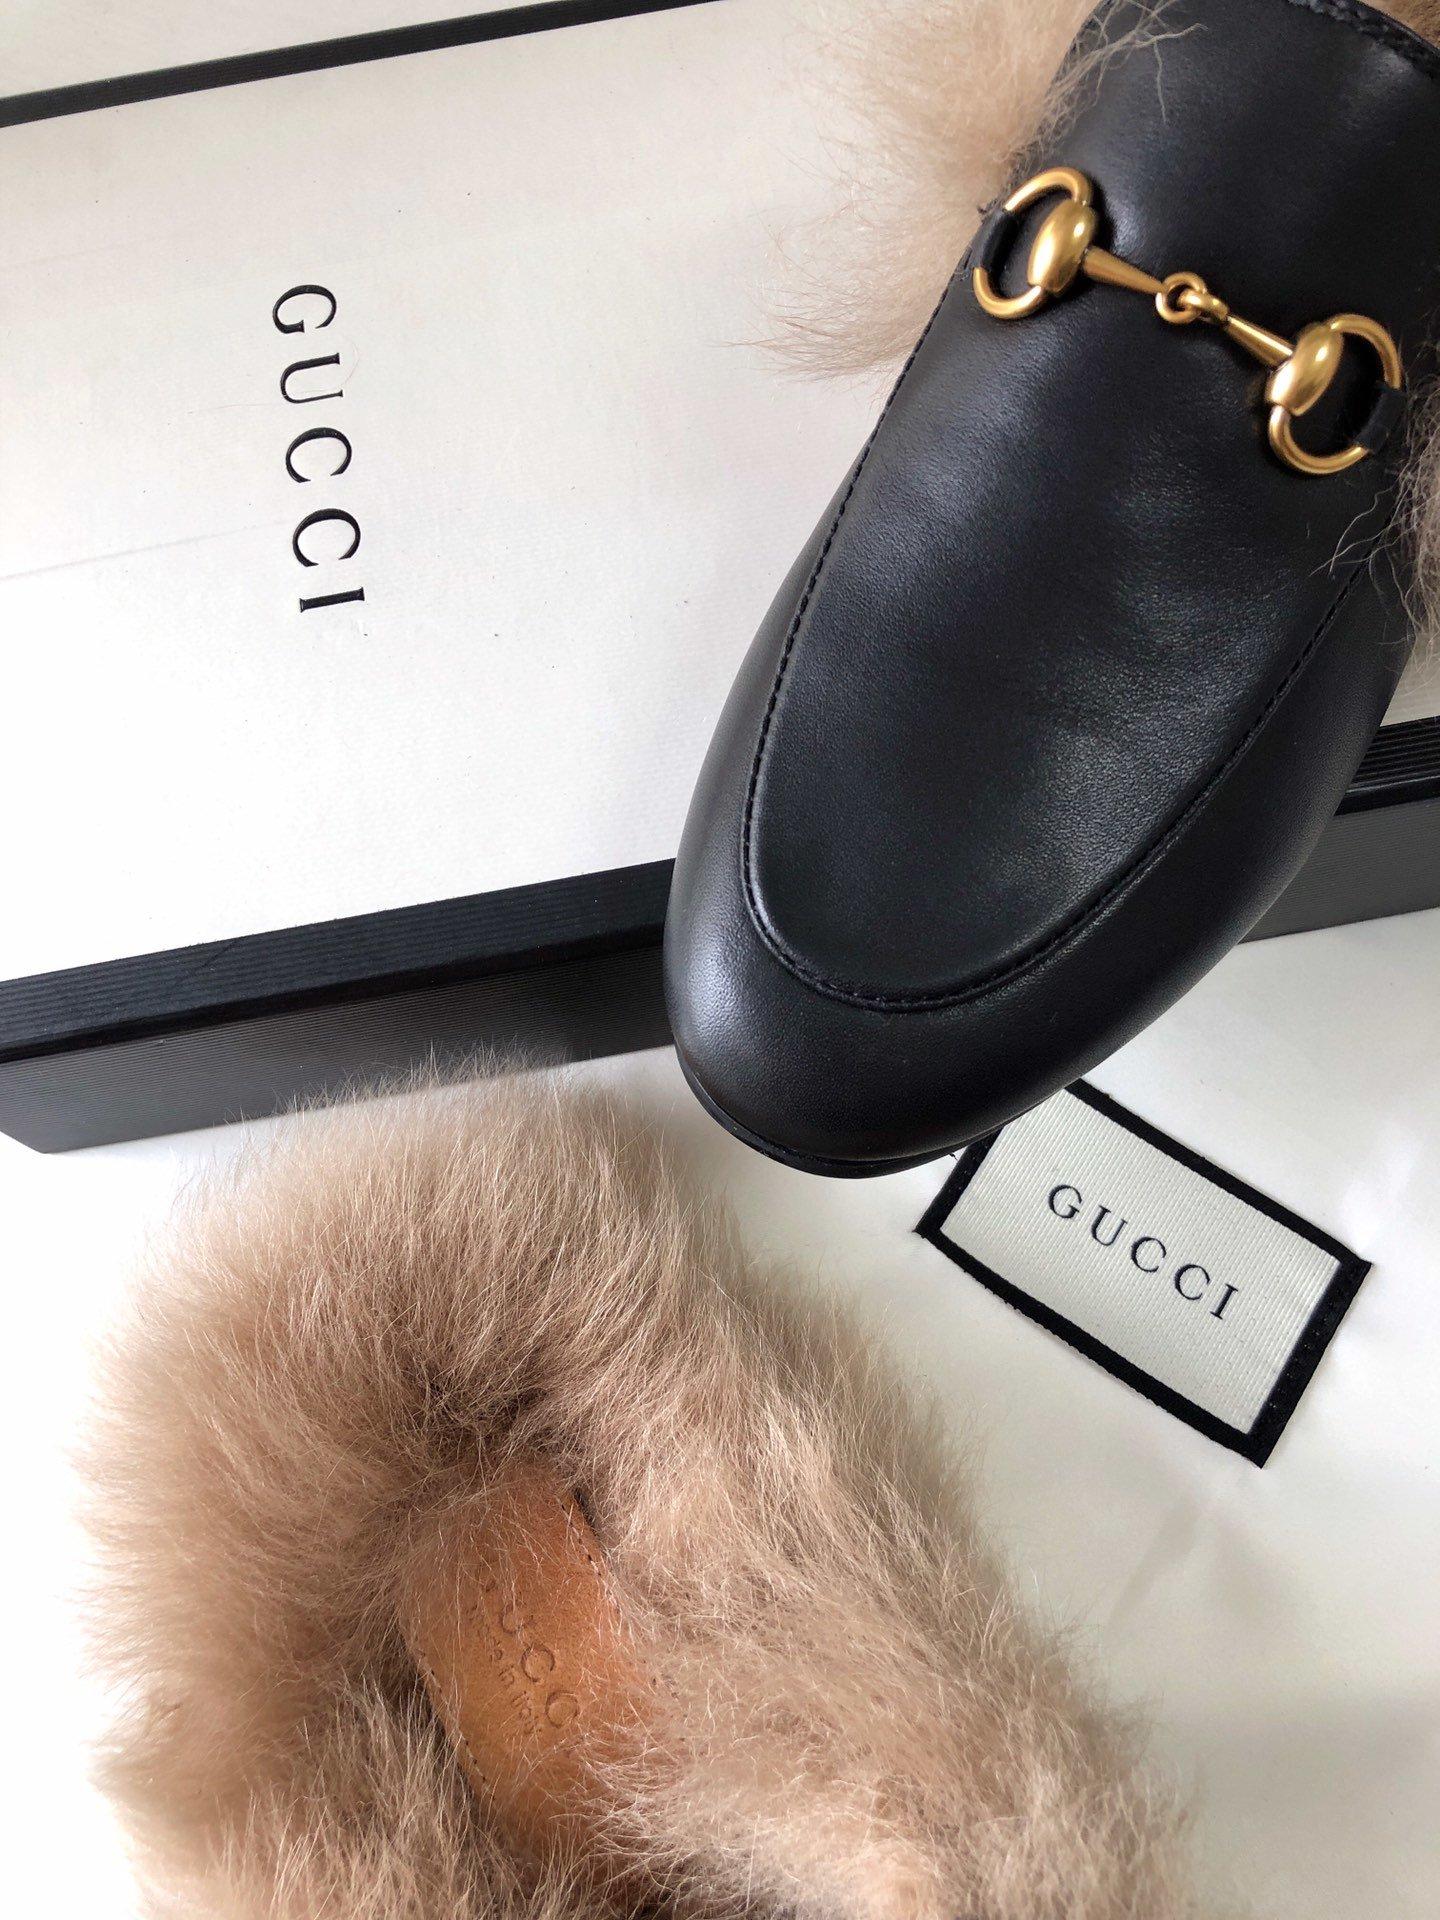 Gucci古奇 羔羊毛穆勒鞋明星同款(图14)